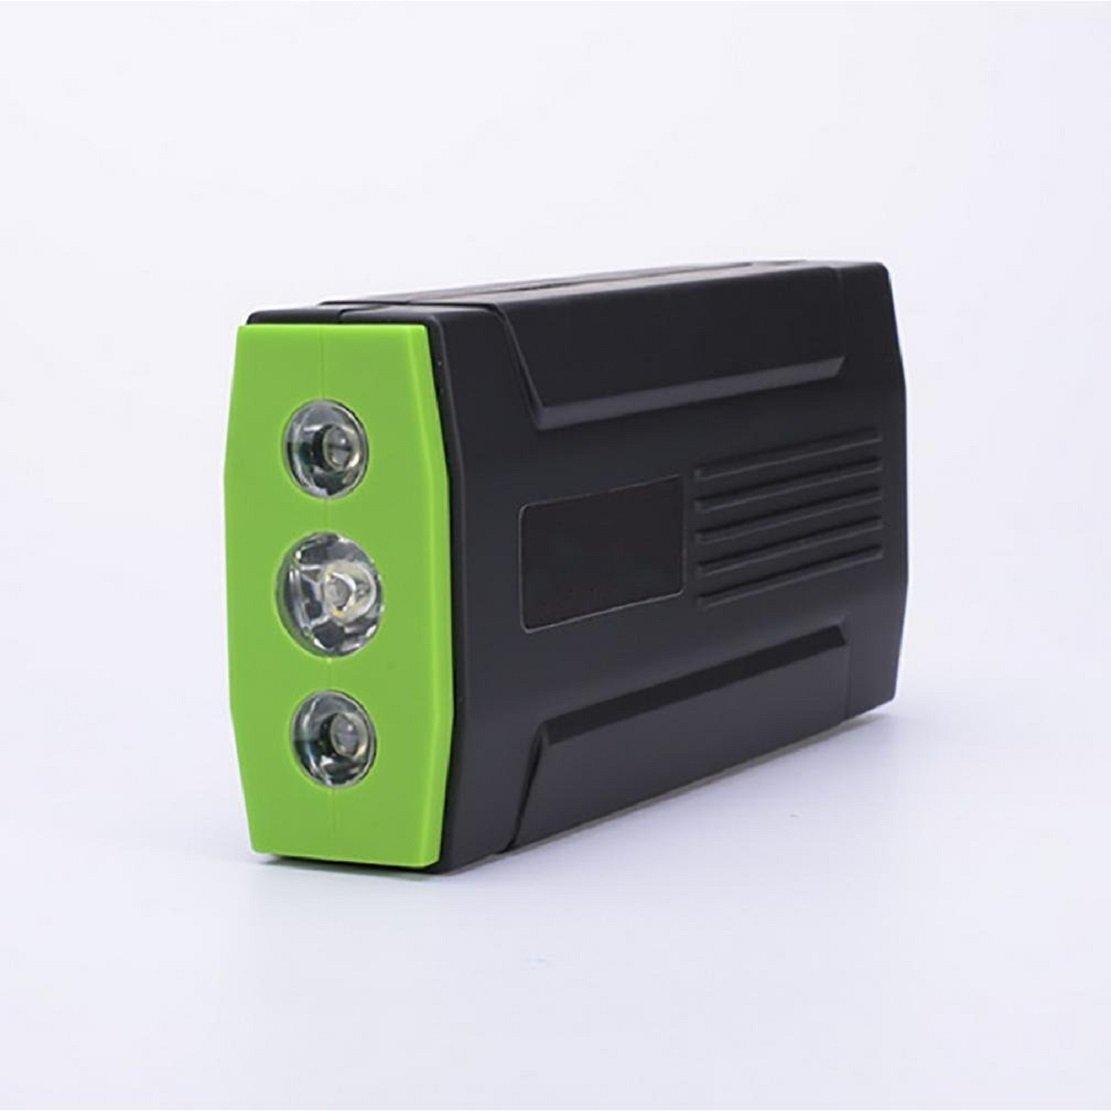 多機能ポータブル車スターター/400Aピーク/緊急モバイル電源/LED懐中電灯/外部バッテリー/車の充電用充電器 B07D6Q3684